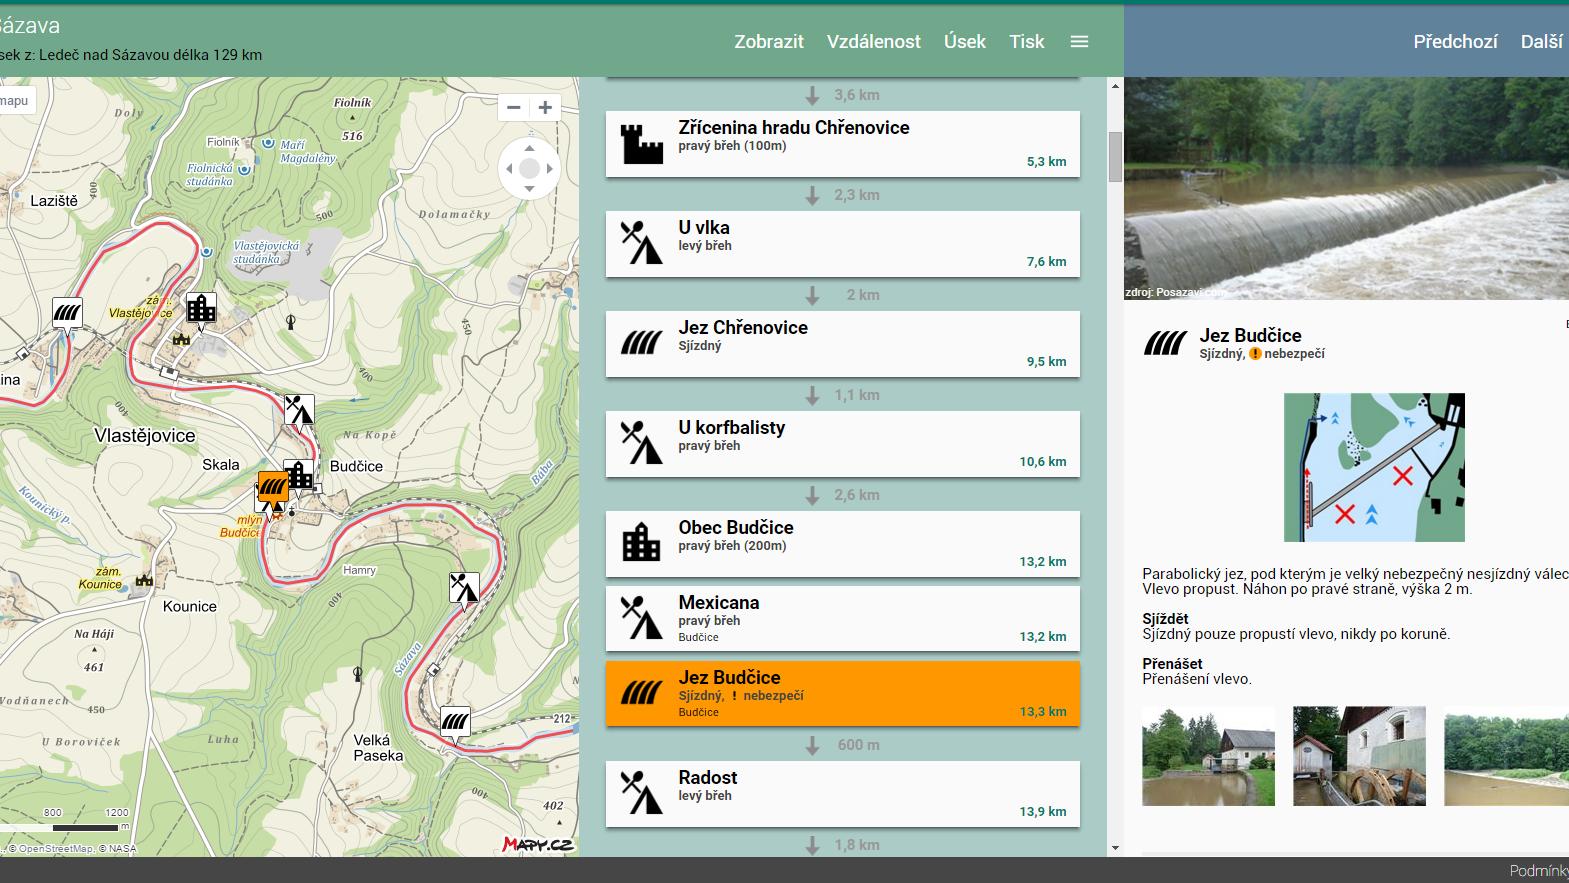 Vodácká navigace a kilometráž